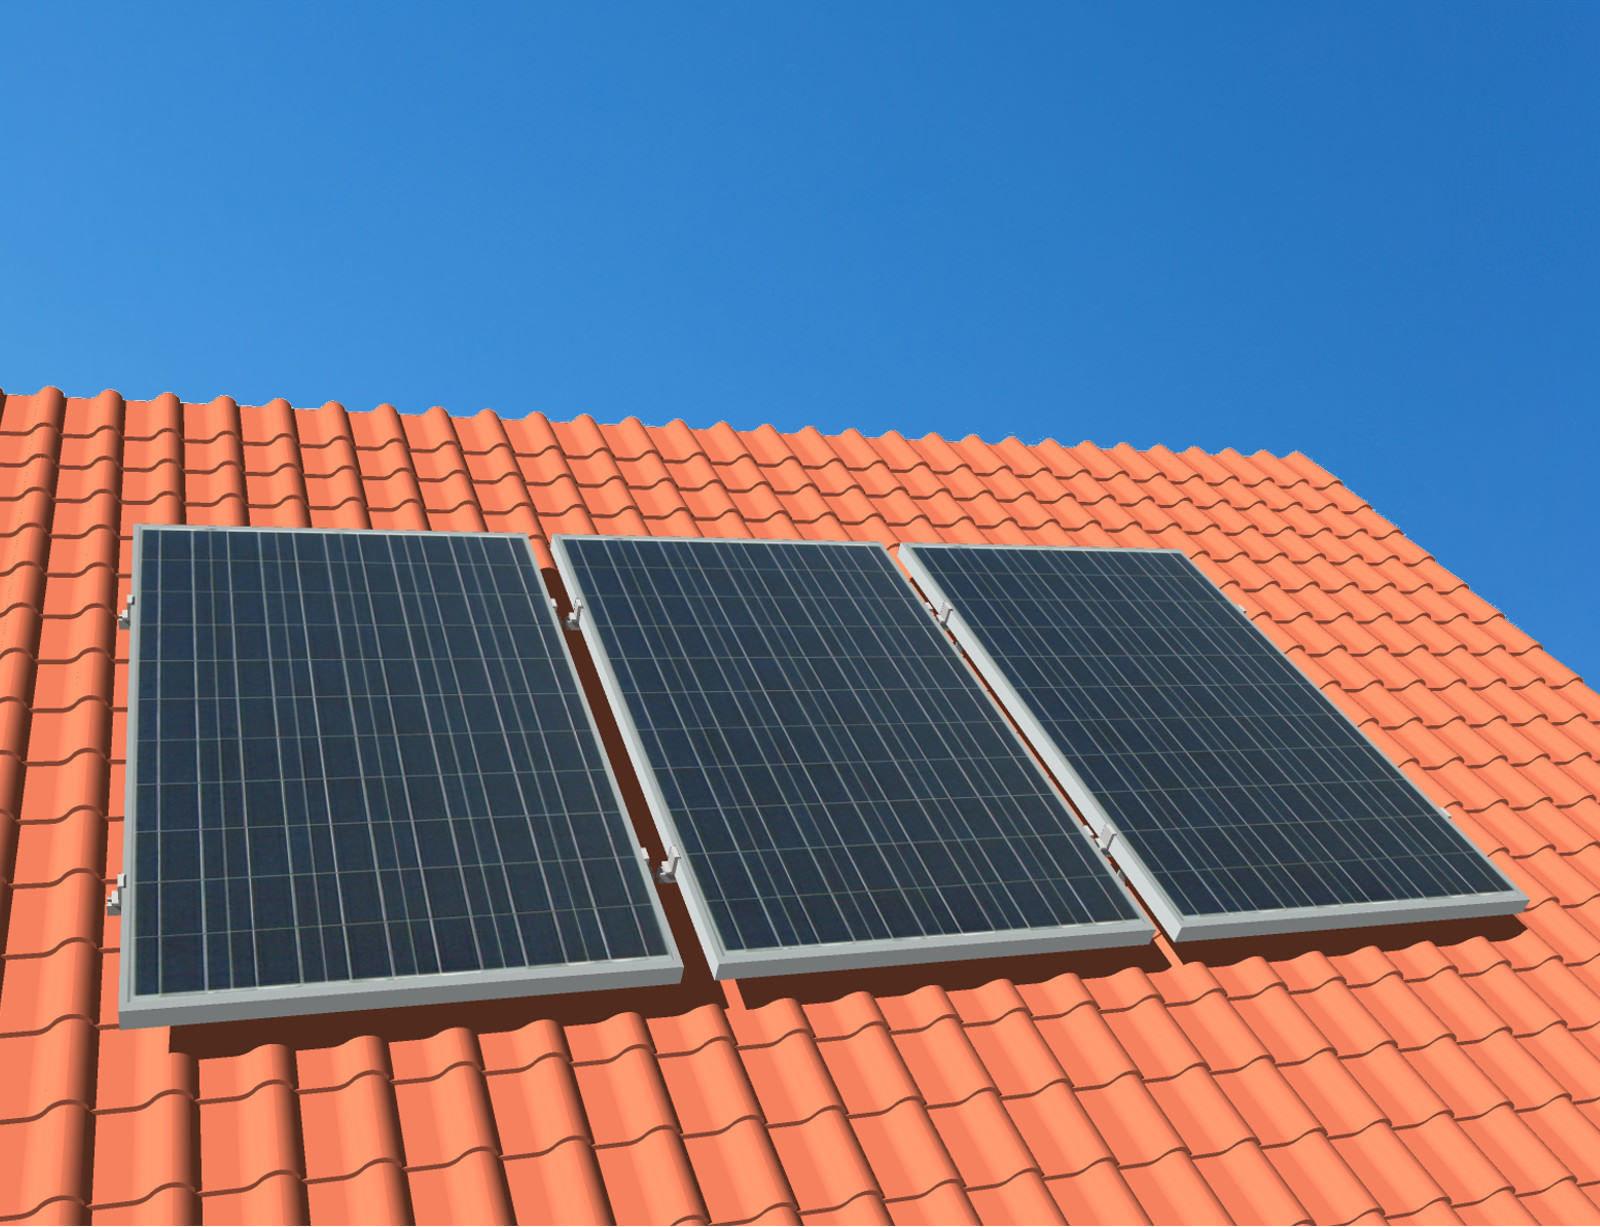 myCleantechSolarPower™ Solaranalage Schrägdach mit 3 Pannels - Musterbild